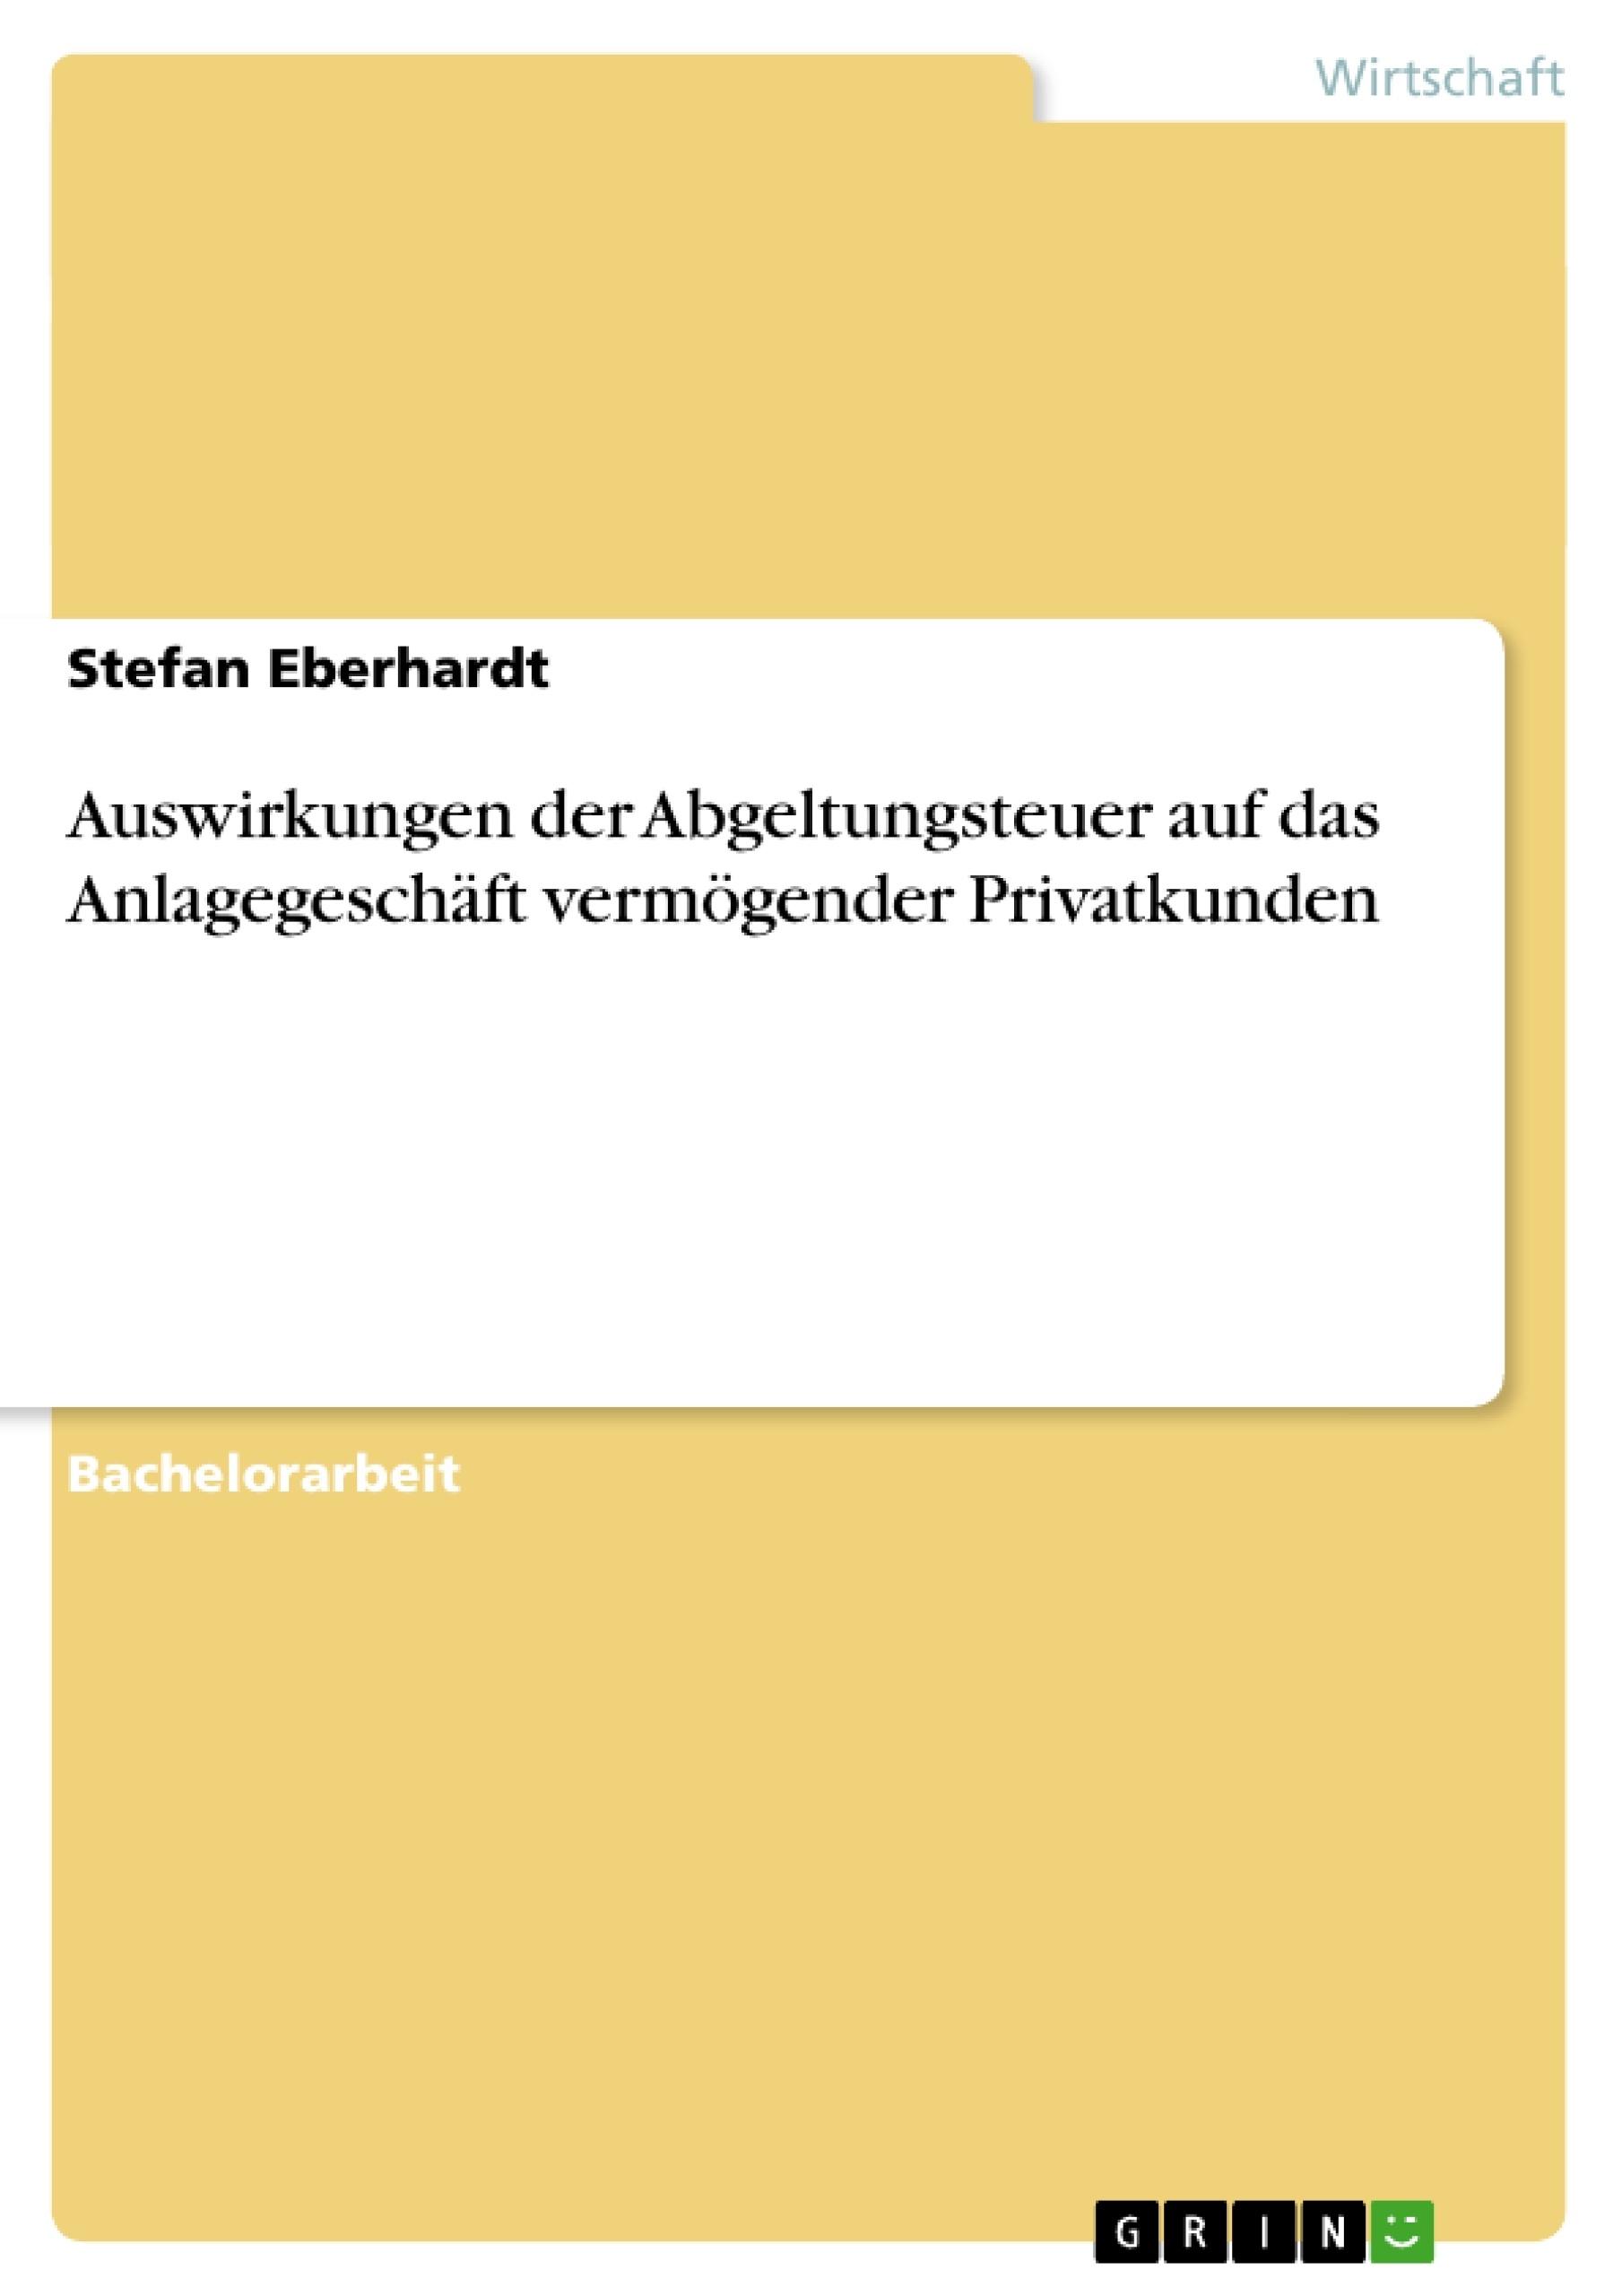 Titel: Auswirkungen der Abgeltungsteuer auf das Anlagegeschäft vermögender Privatkunden